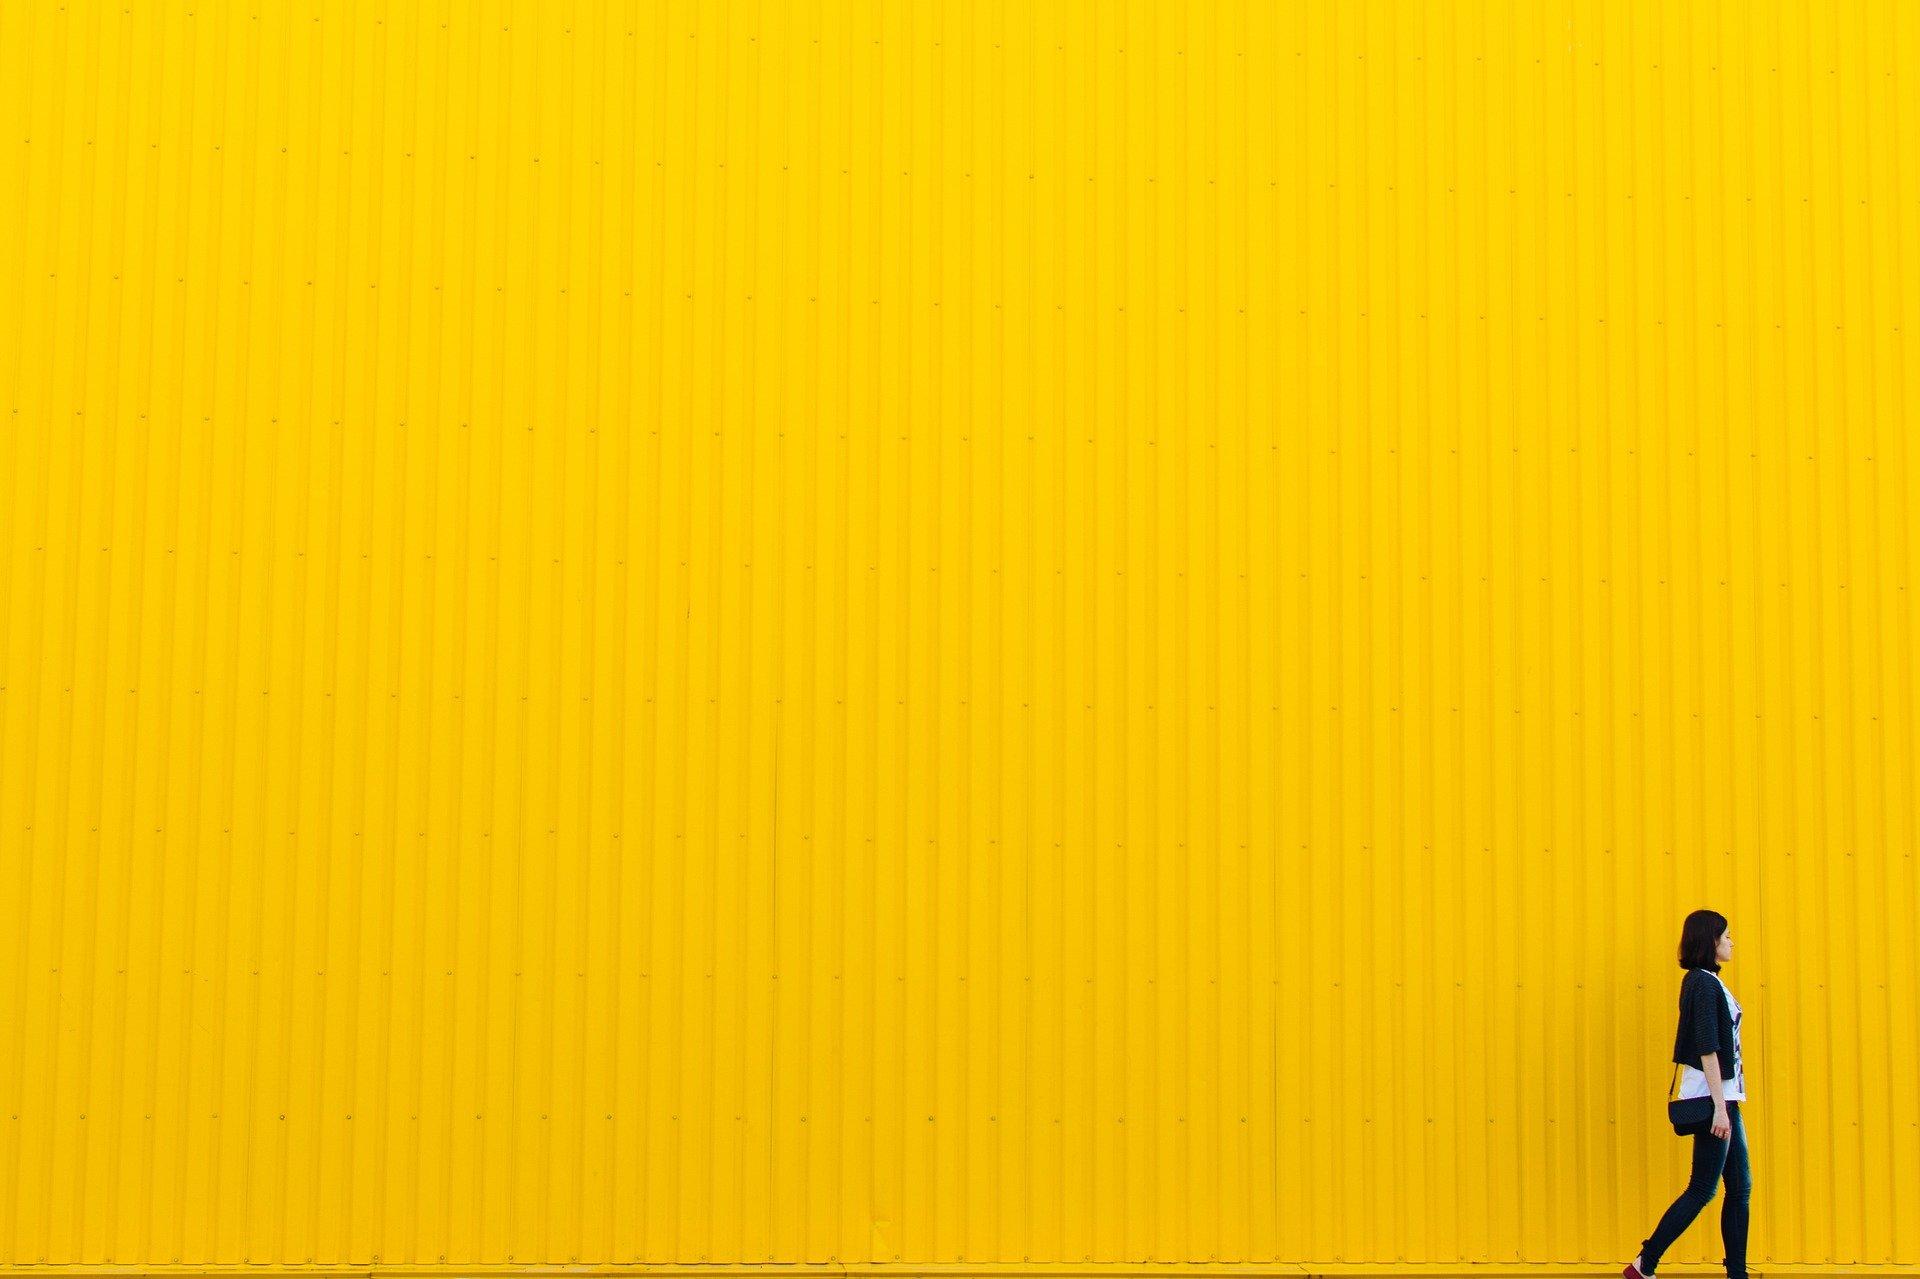 Mensch läuft vor gelber Wand